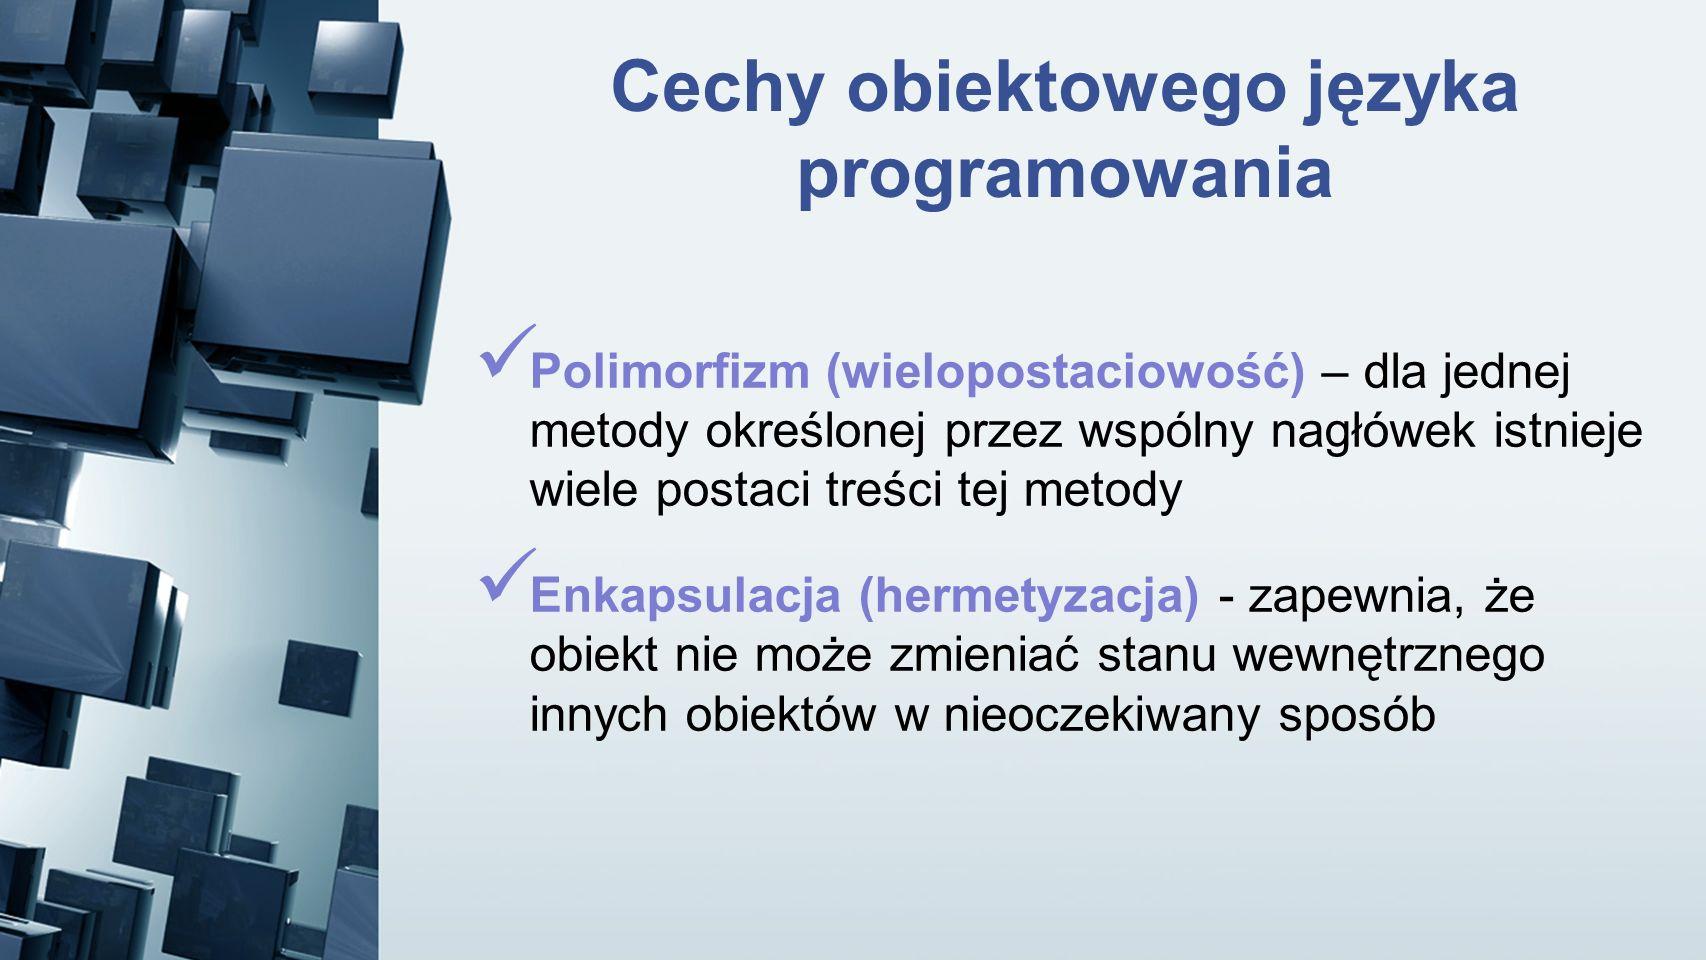 Cechy obiektowego języka programowania